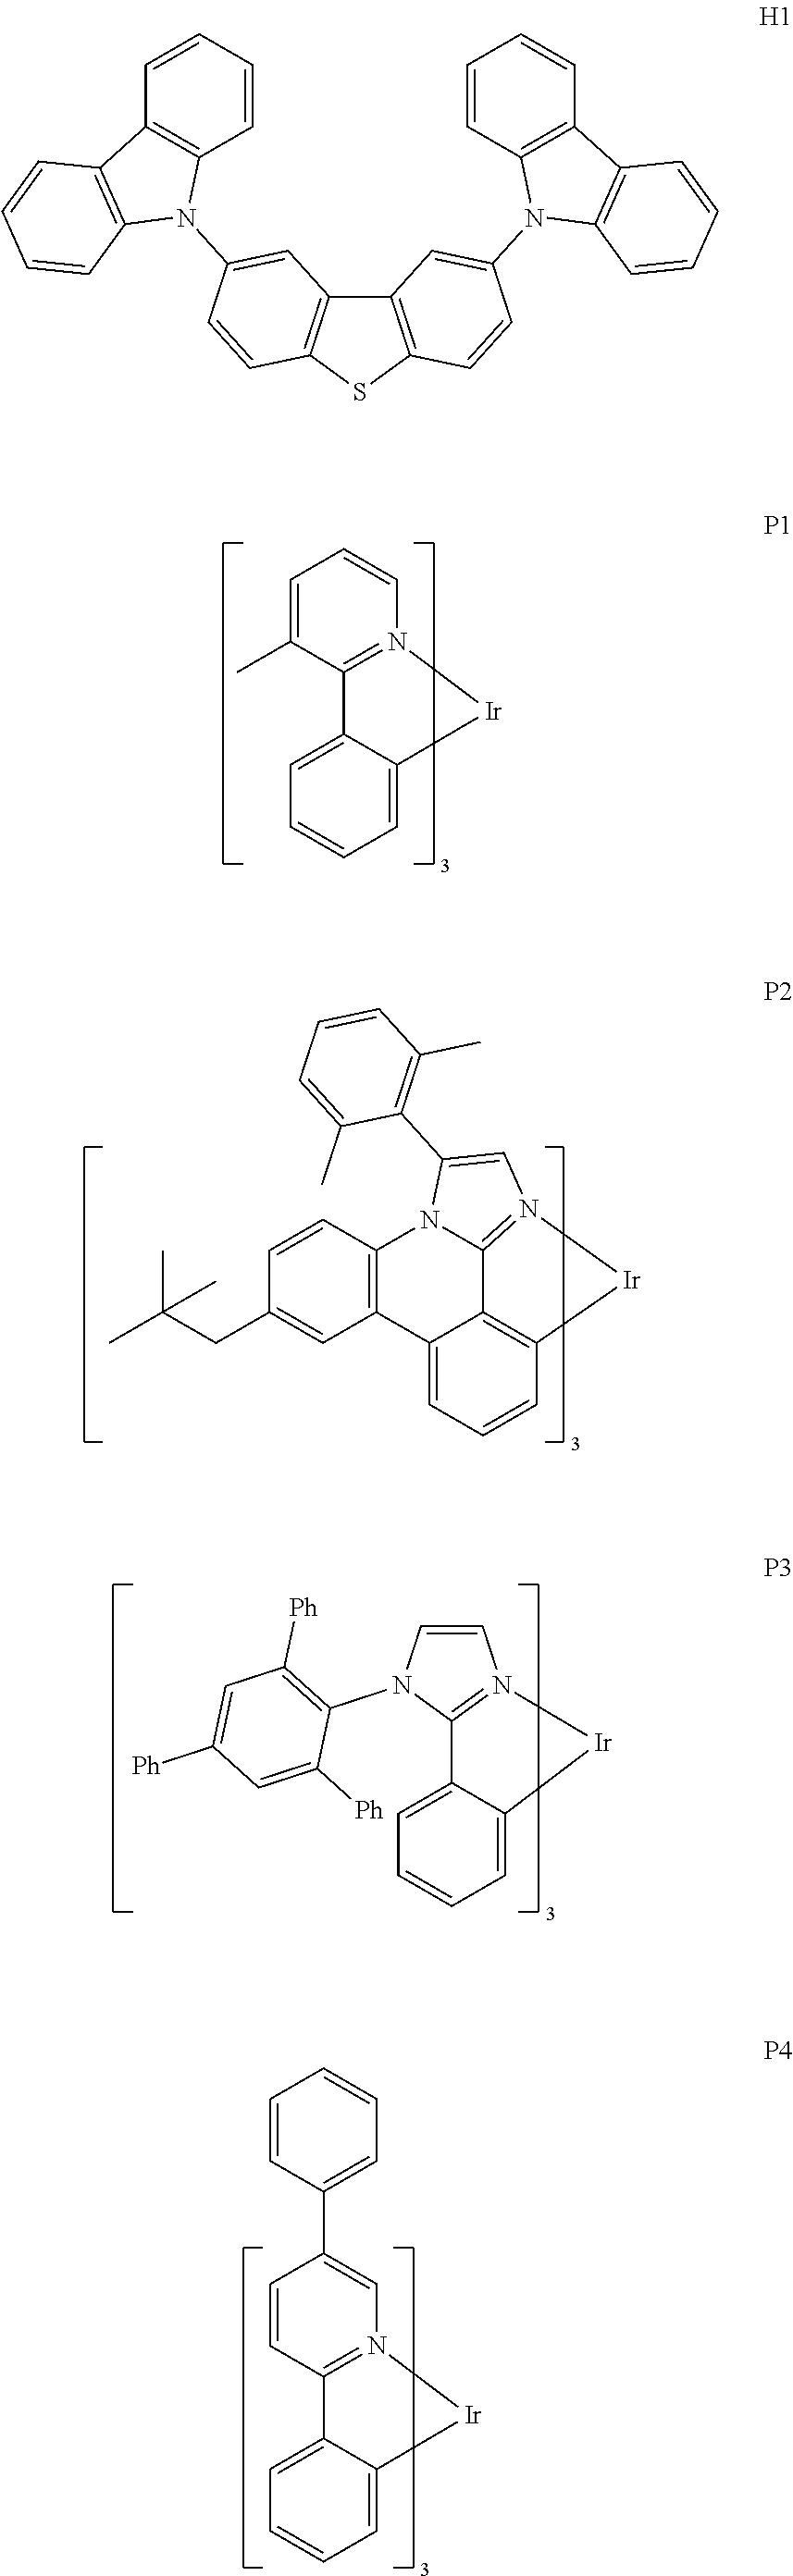 Figure US08580402-20131112-C00037